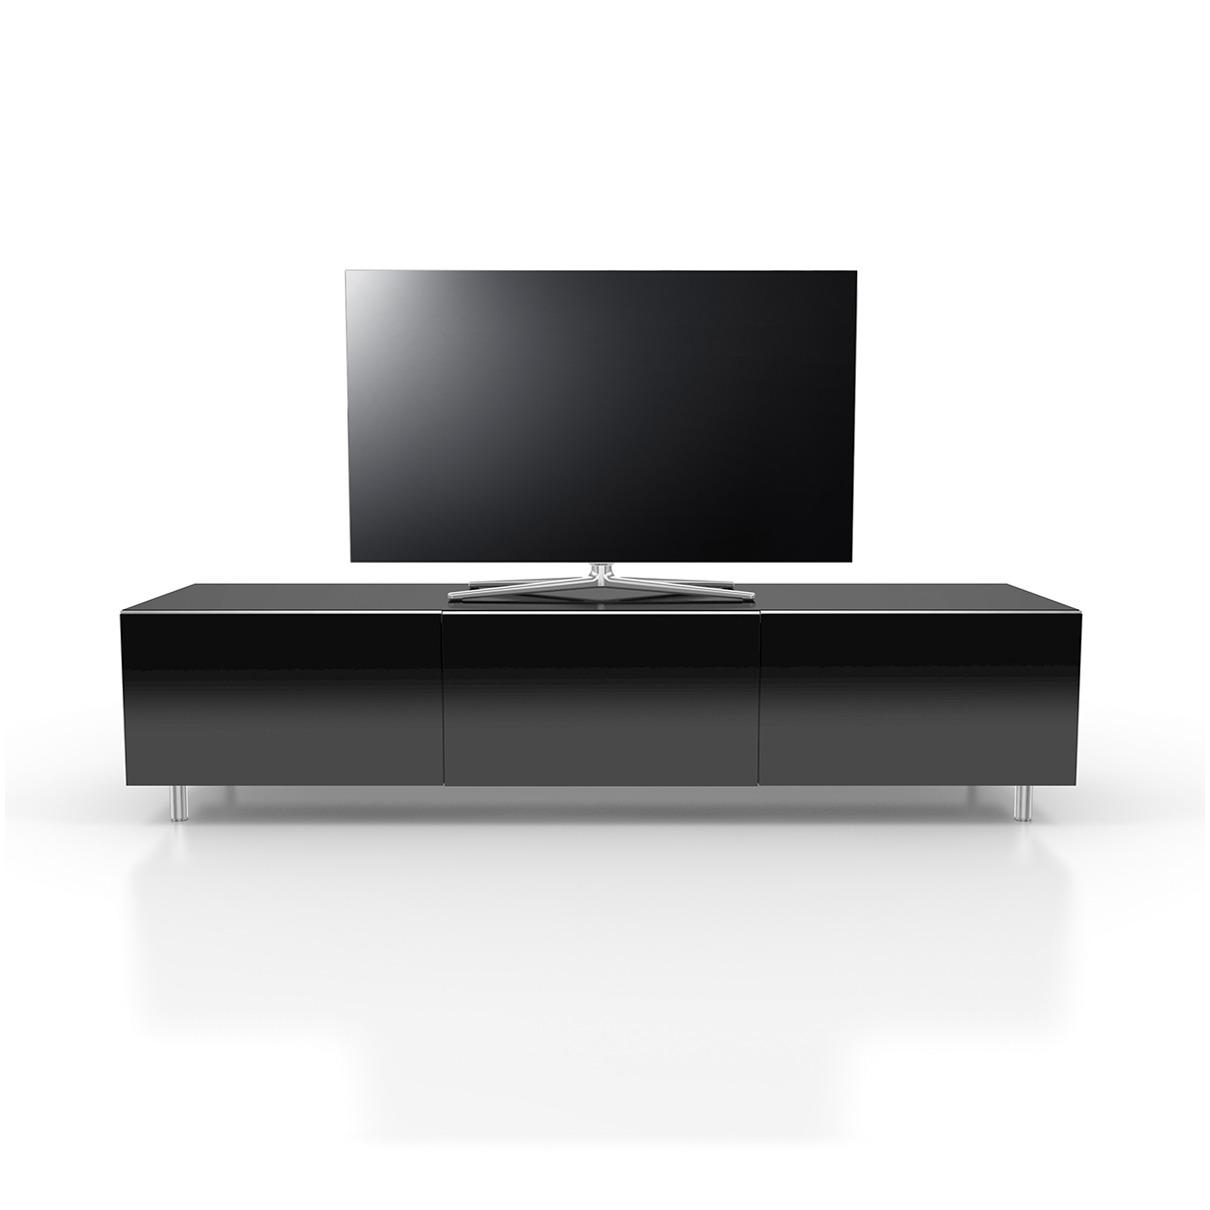 Afbeelding van Just Racks tv meubel JRL1650S-BG zwart